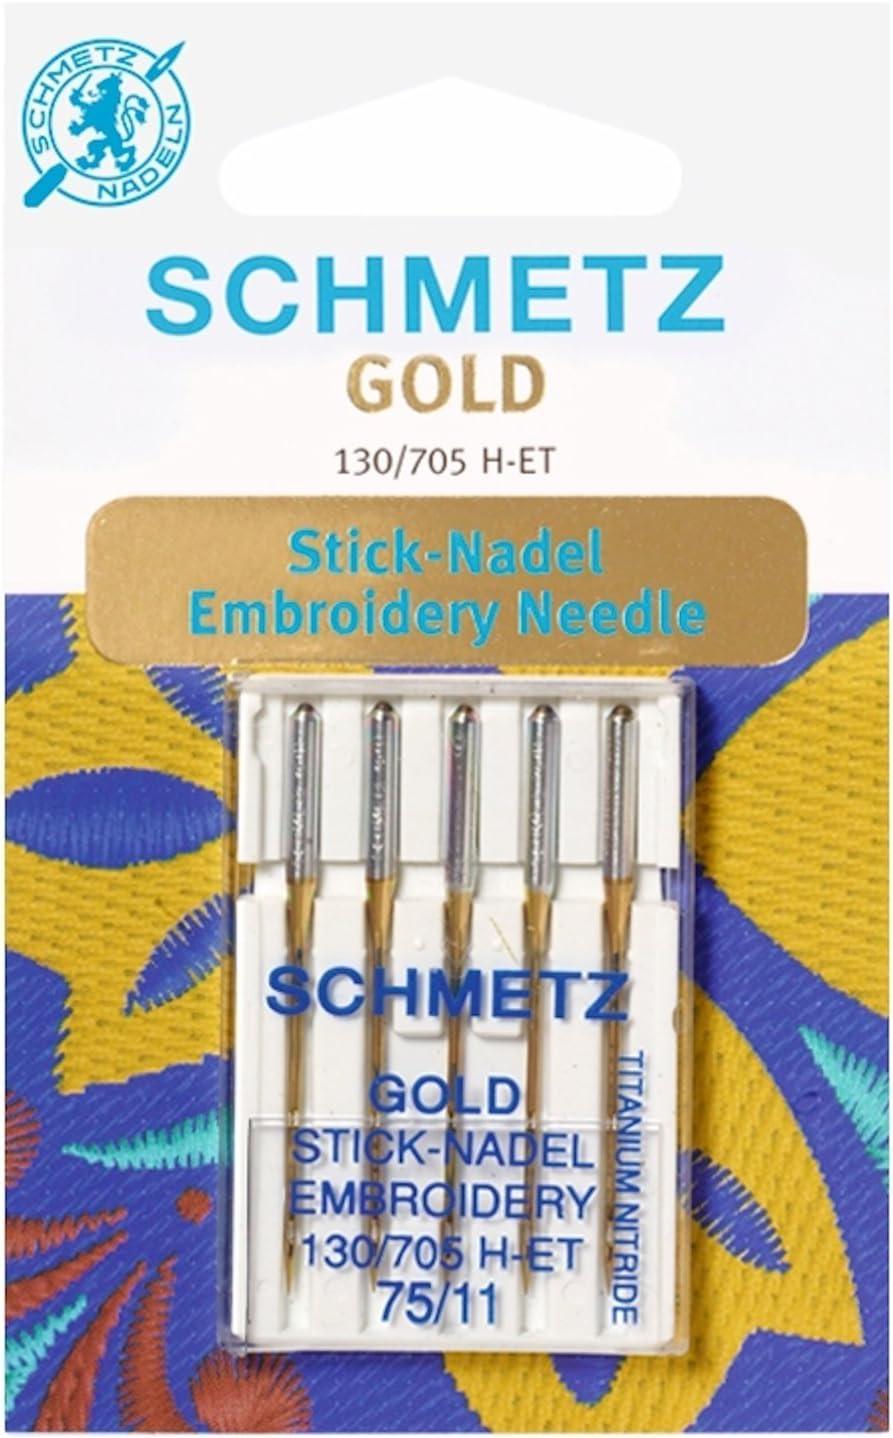 Schmetz - Agujas para máquina de coser + enhebrador de agujas, Single Packet, Gold Embroidery 75/11 + Threader